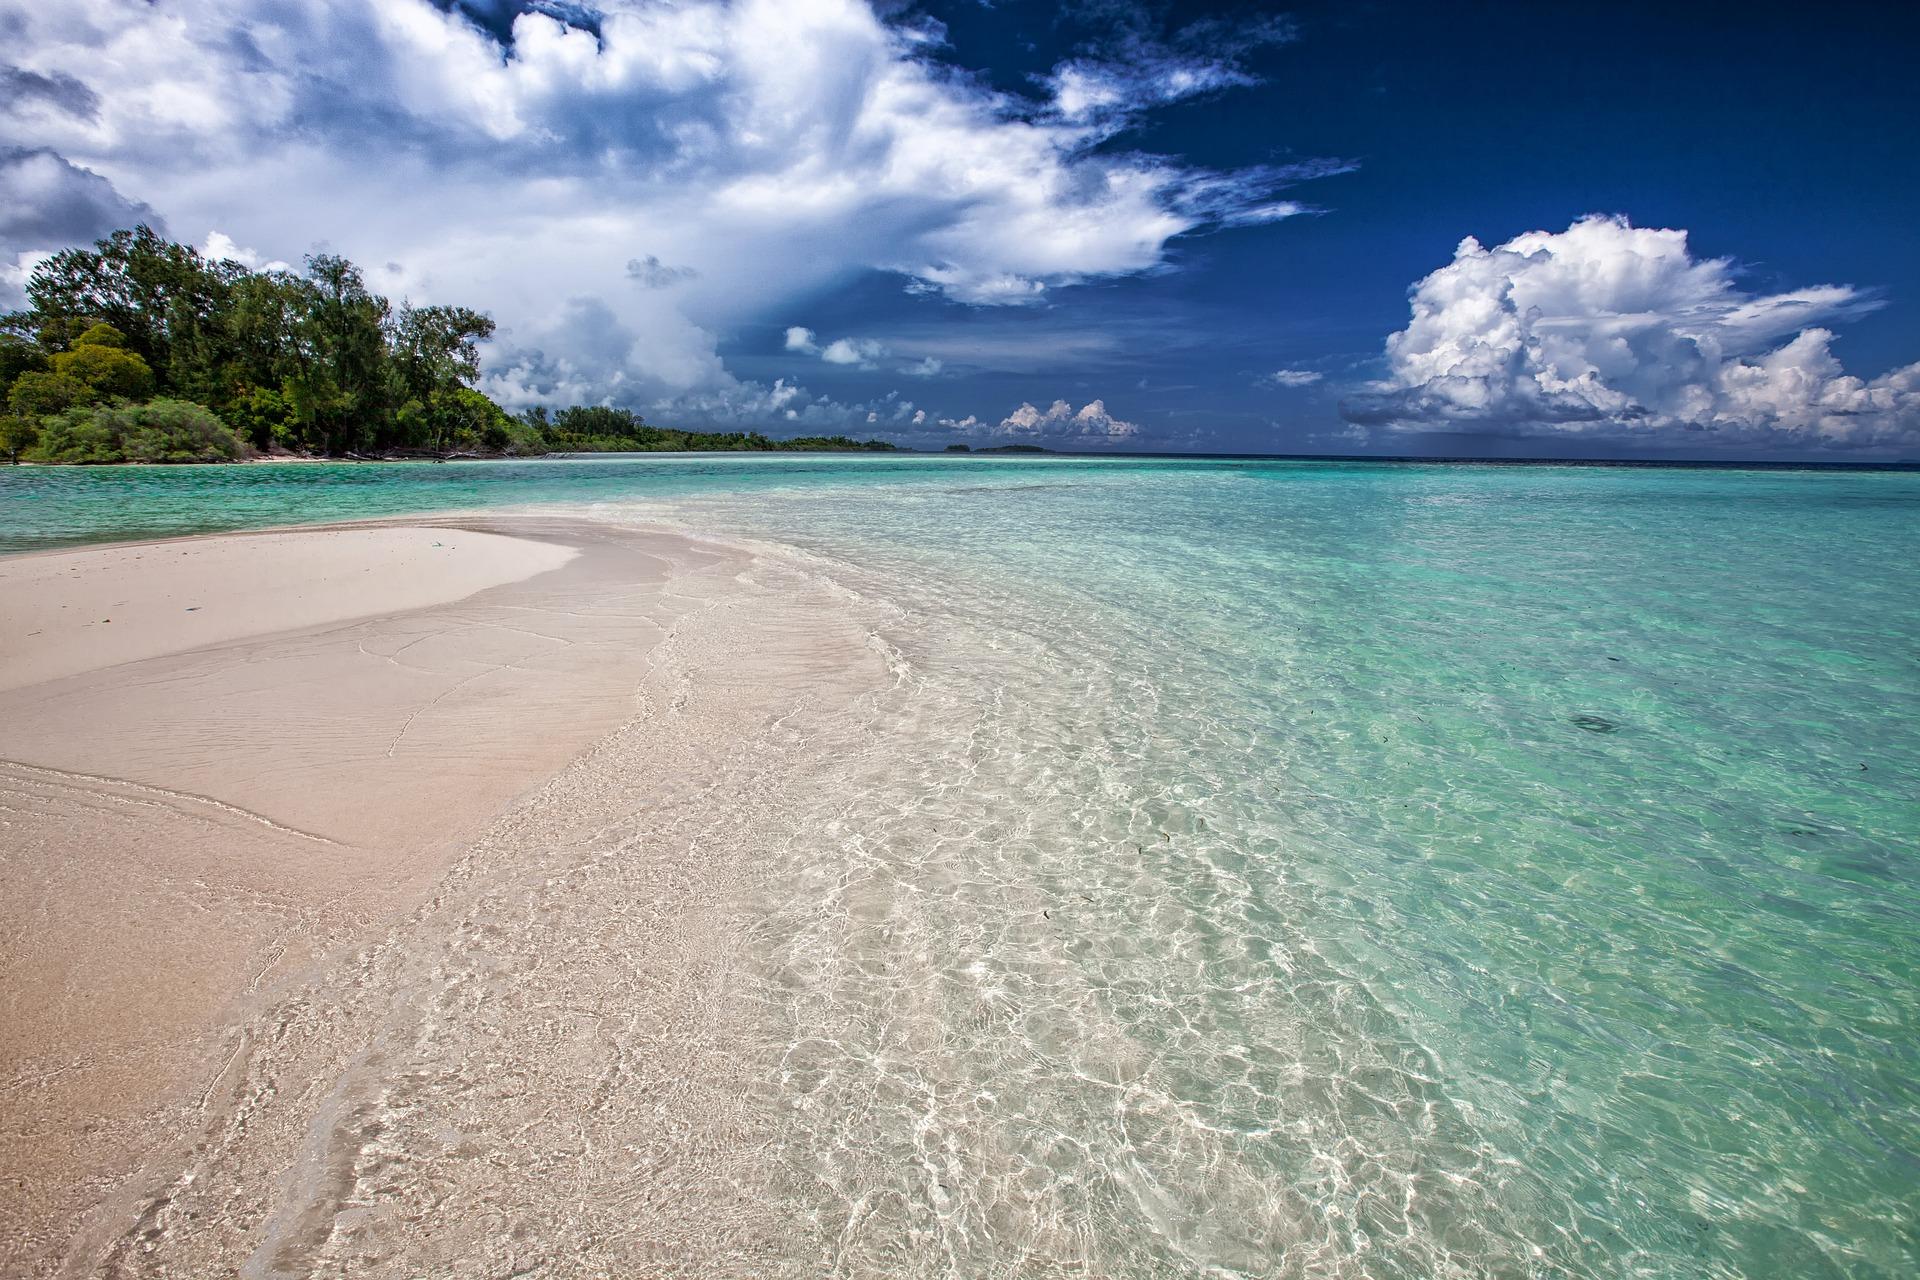 Pemandangan alam di Kepulauan Widi, Halmahera Selatan, Maluku Utara